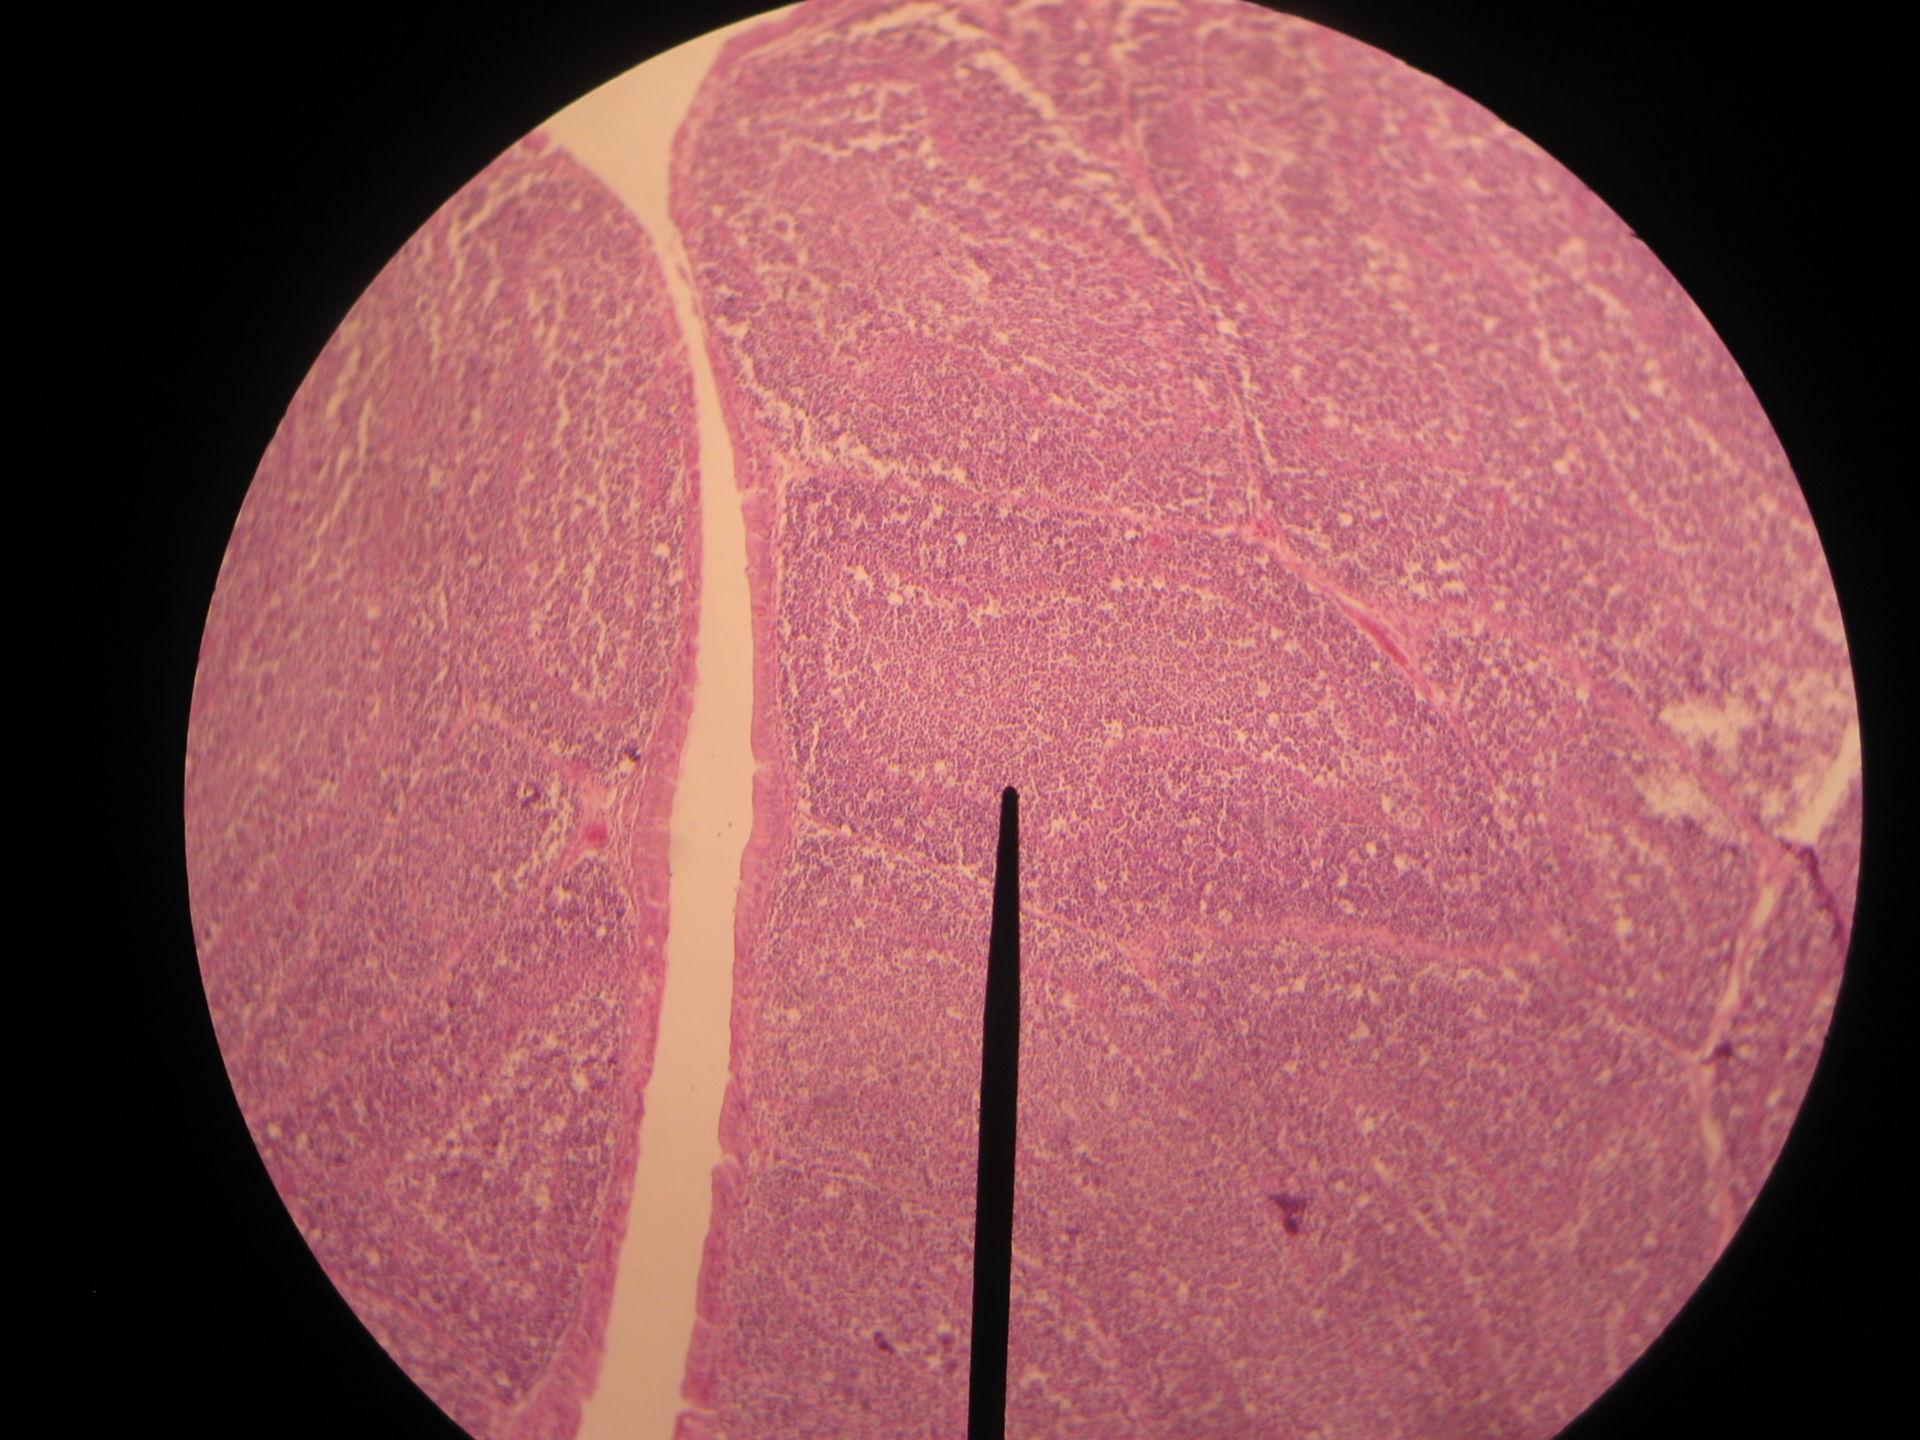 Bursa cloacalis of a chicken - 10 days - lymph node